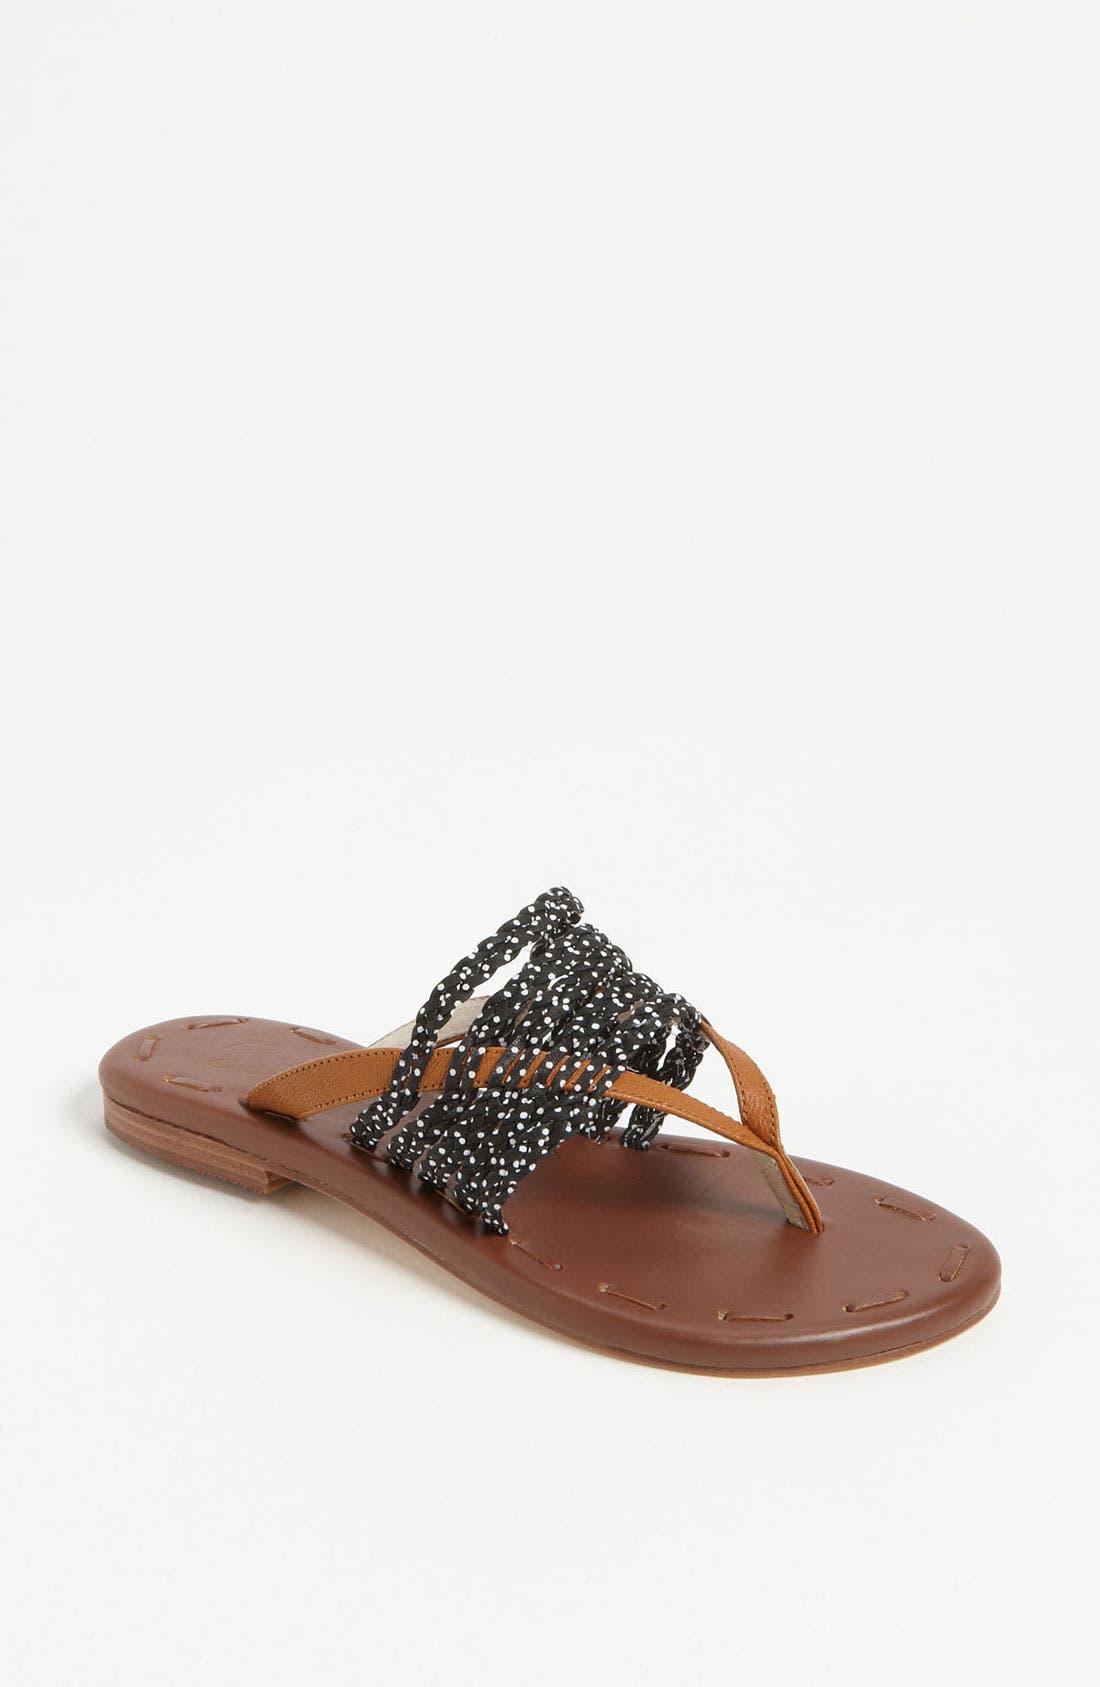 Alternate Image 1 Selected - Matt Bernson 'Hatsukoi' Sandal